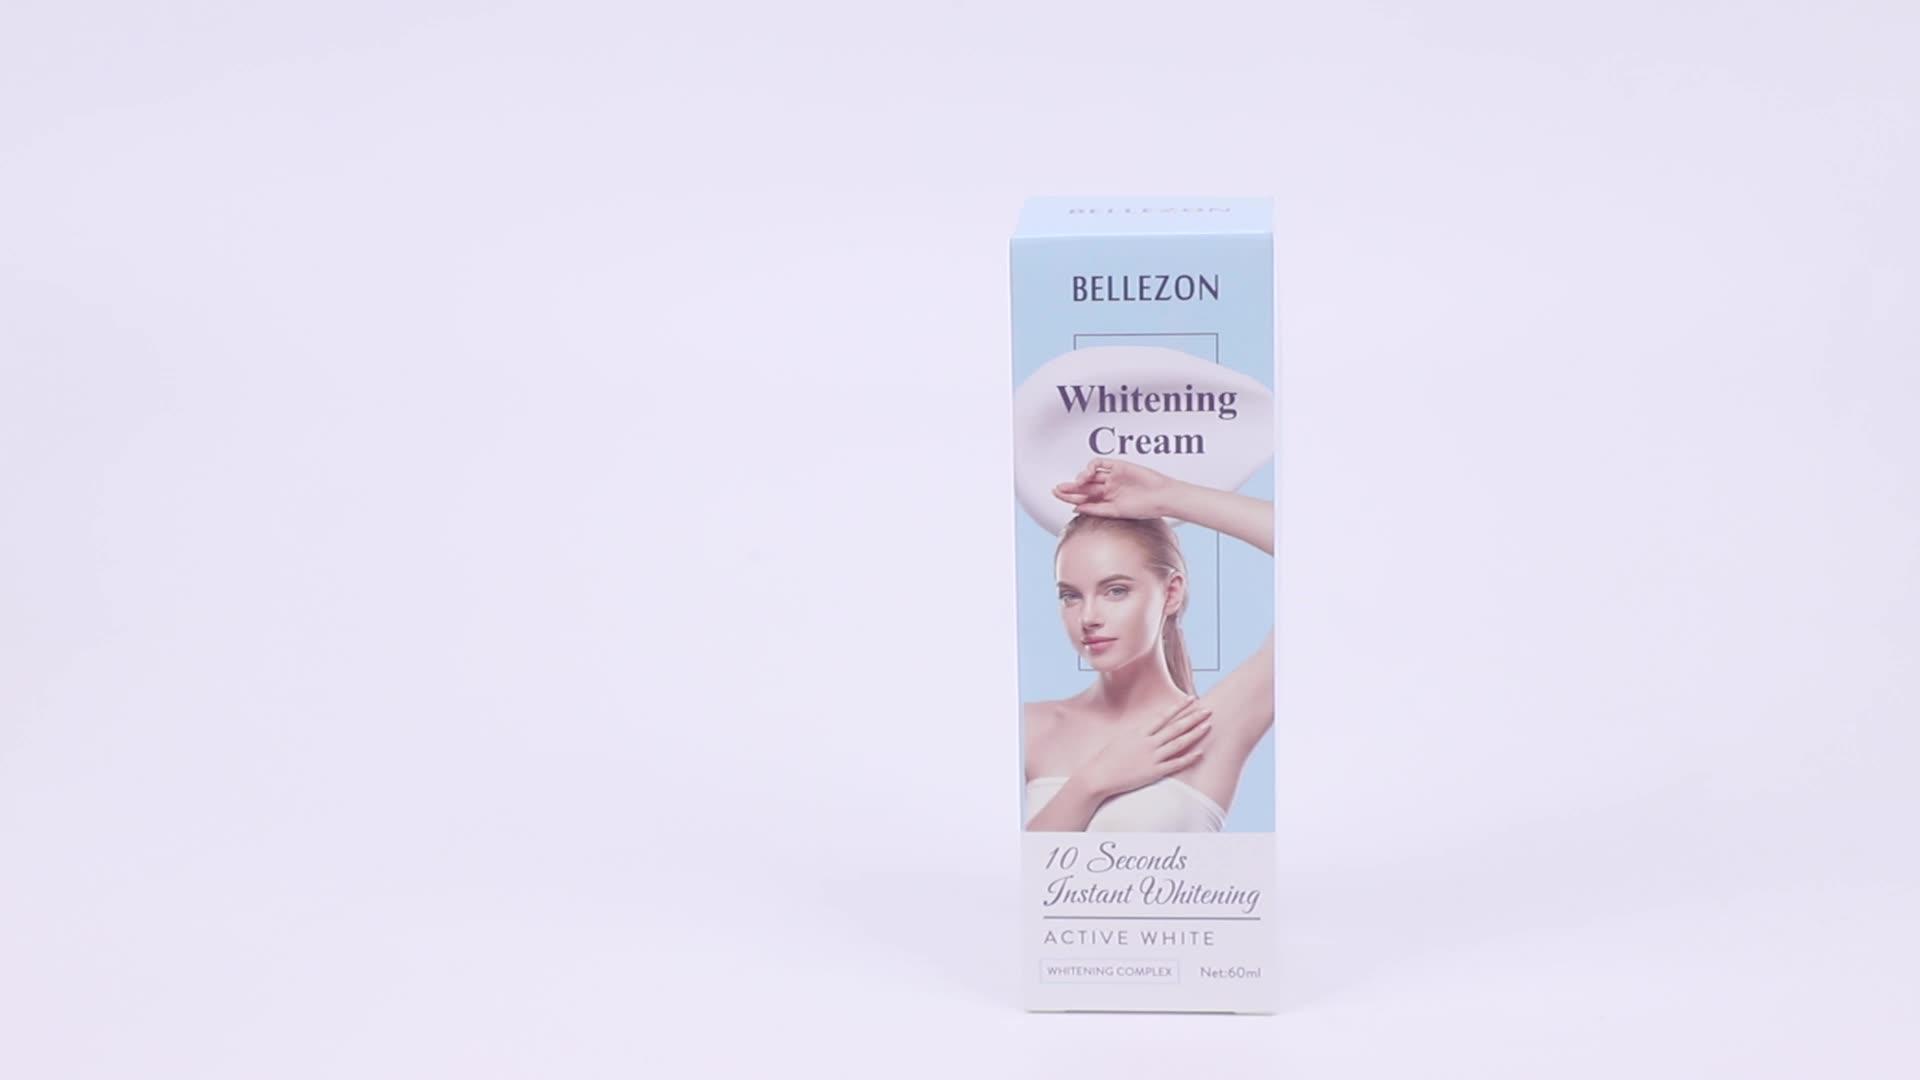 नई पहुंचे प्राकृतिक शरीर Whitening महिलाओं बगल और निजी भाग अंडरआर्म के लिए त्वचा की देखभाल Whitening क्रीम